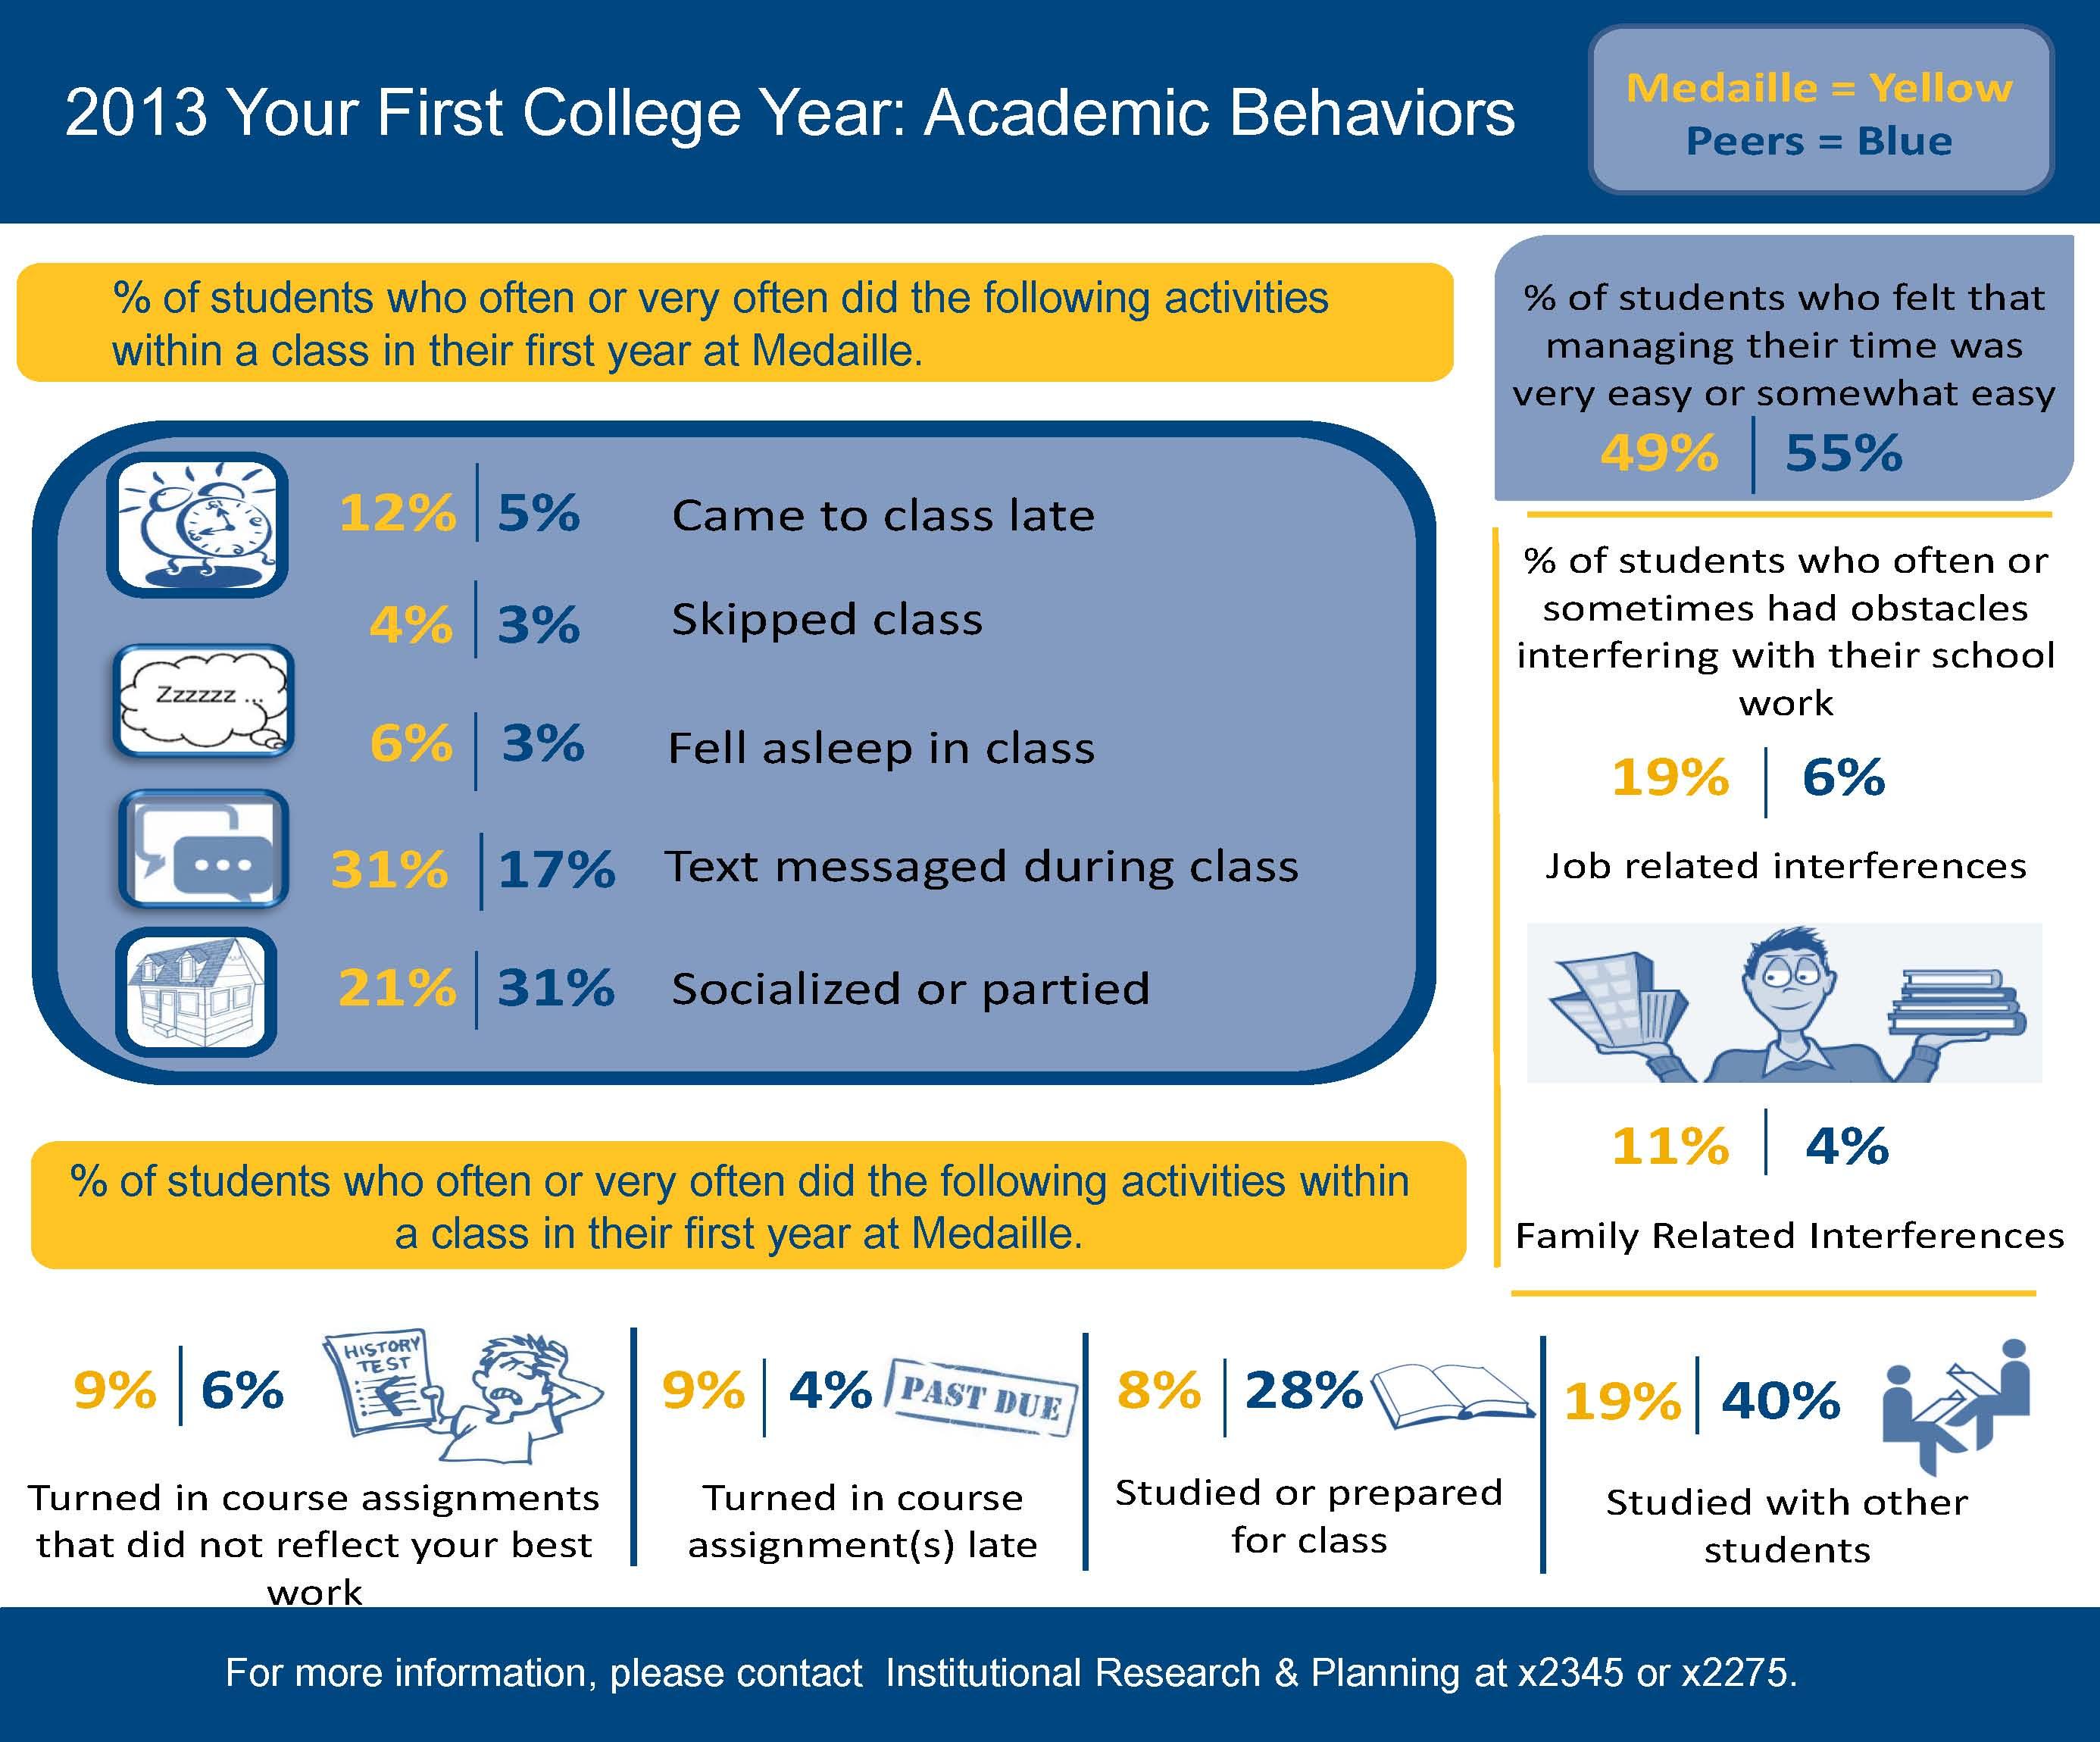 Behavior Info vs peers